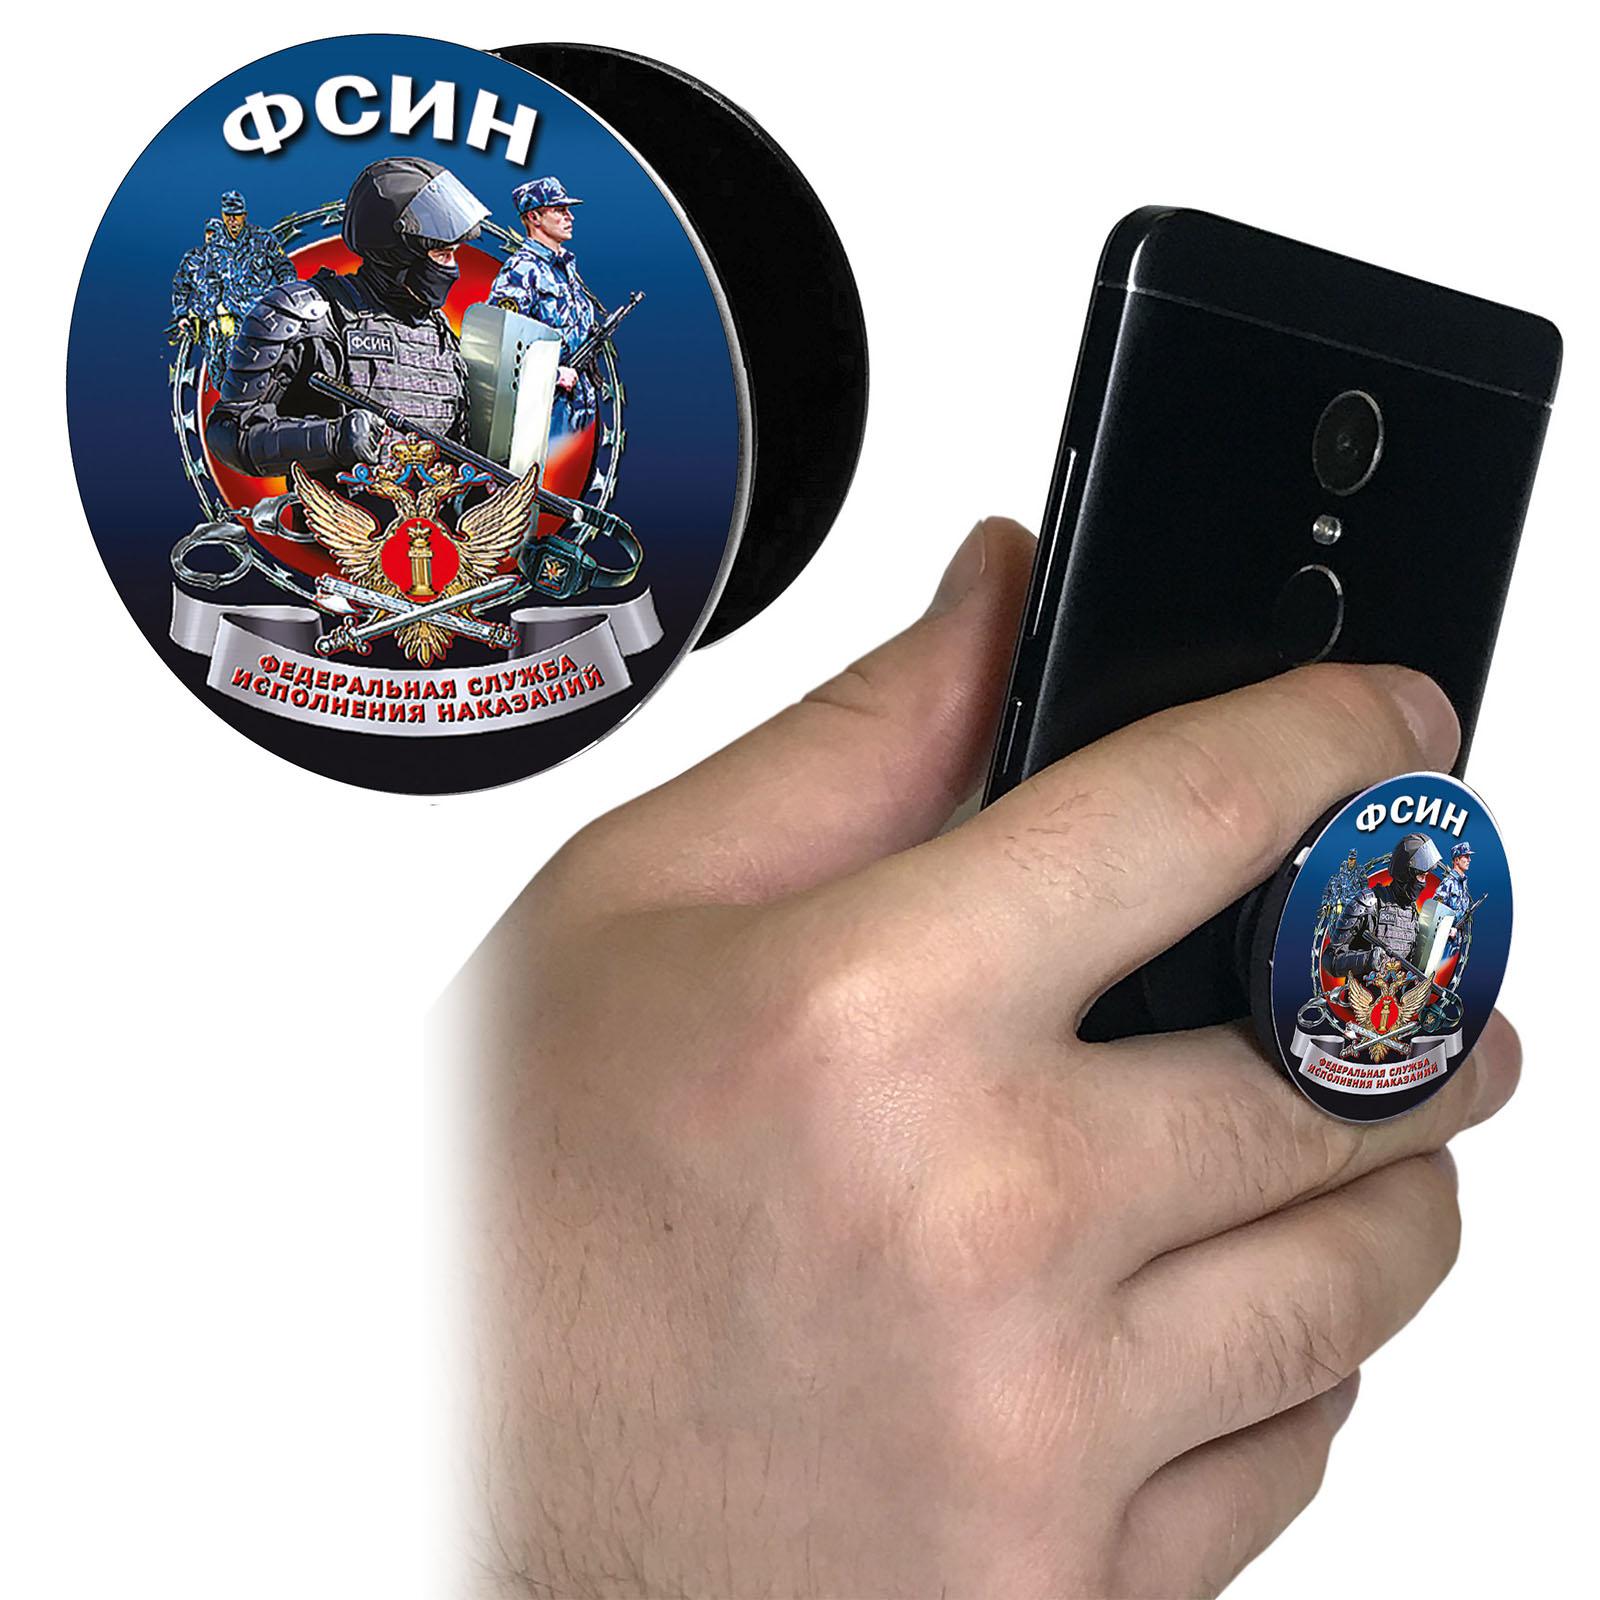 Попсокеты на телефон по цене 199 рублей